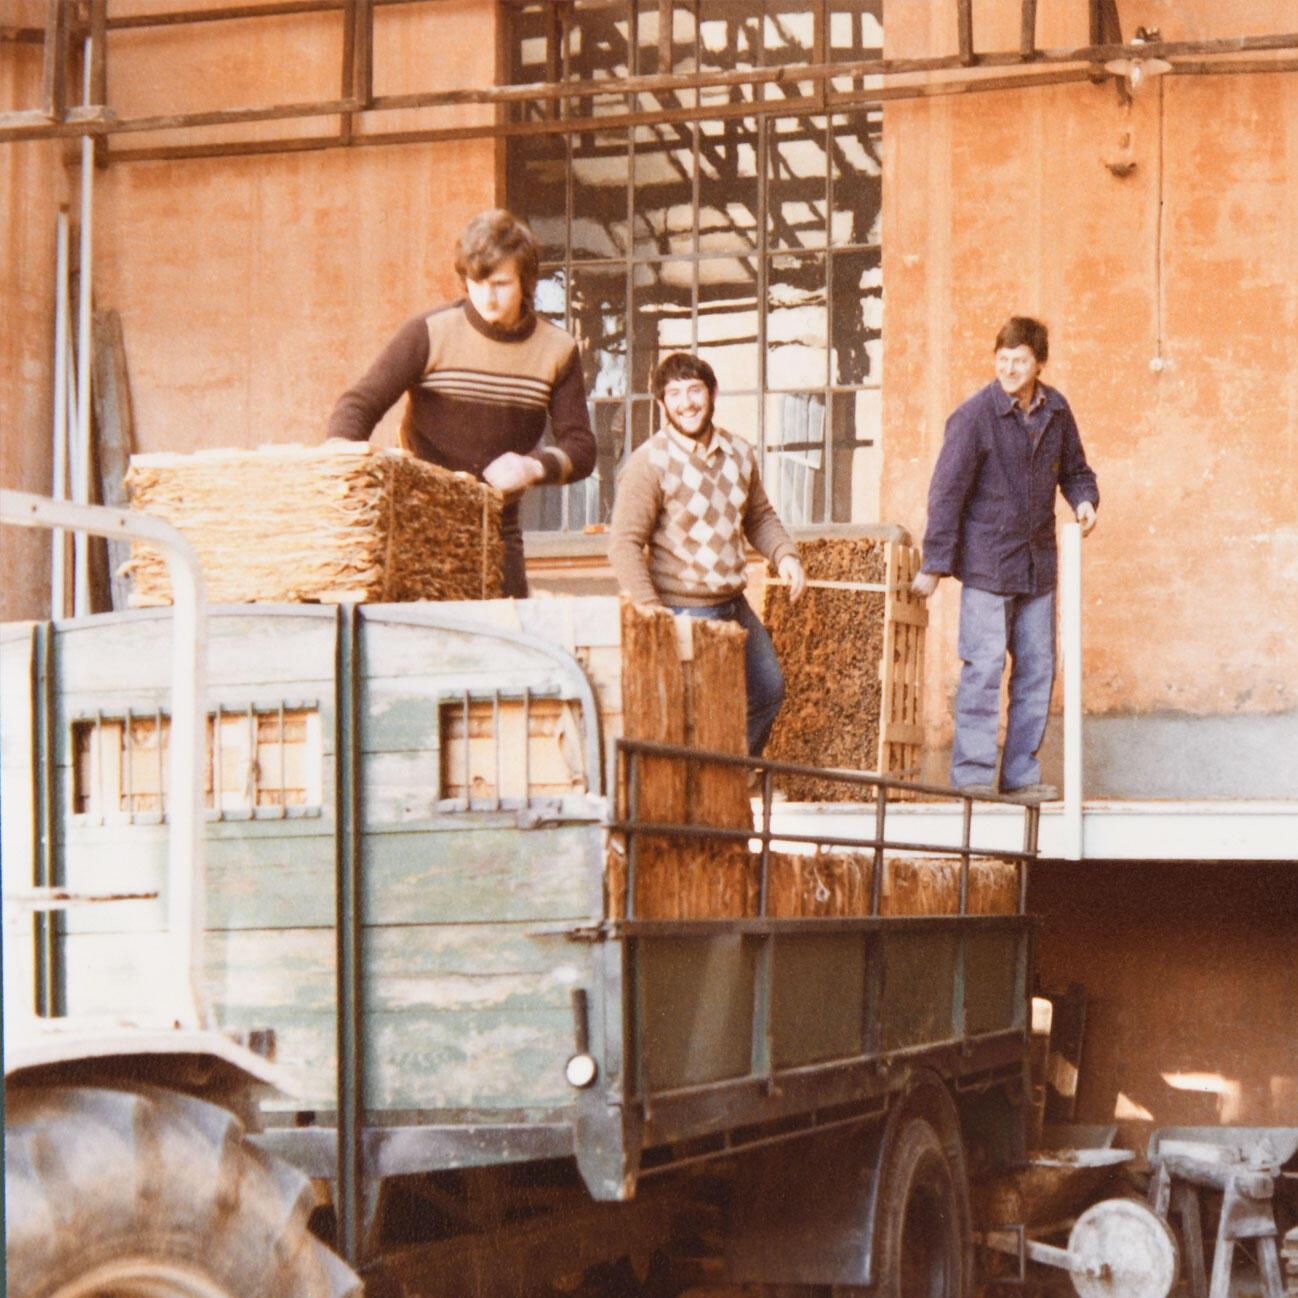 **Proseguimento lavorazione e fermentazione ** Se prima degli anni 70 era in corso la valutazione dell'introduzione della meccanizzazione della fabbricazione dei sigari, la stessa non avvenne. Al contrario, nel 1972 questa attività fu ceduta alla Fabbrica Tabacchi di Brissago e ci si concentrò esclusivamente sulla lavorazione e fermentazione dei tabacchi indigeni.